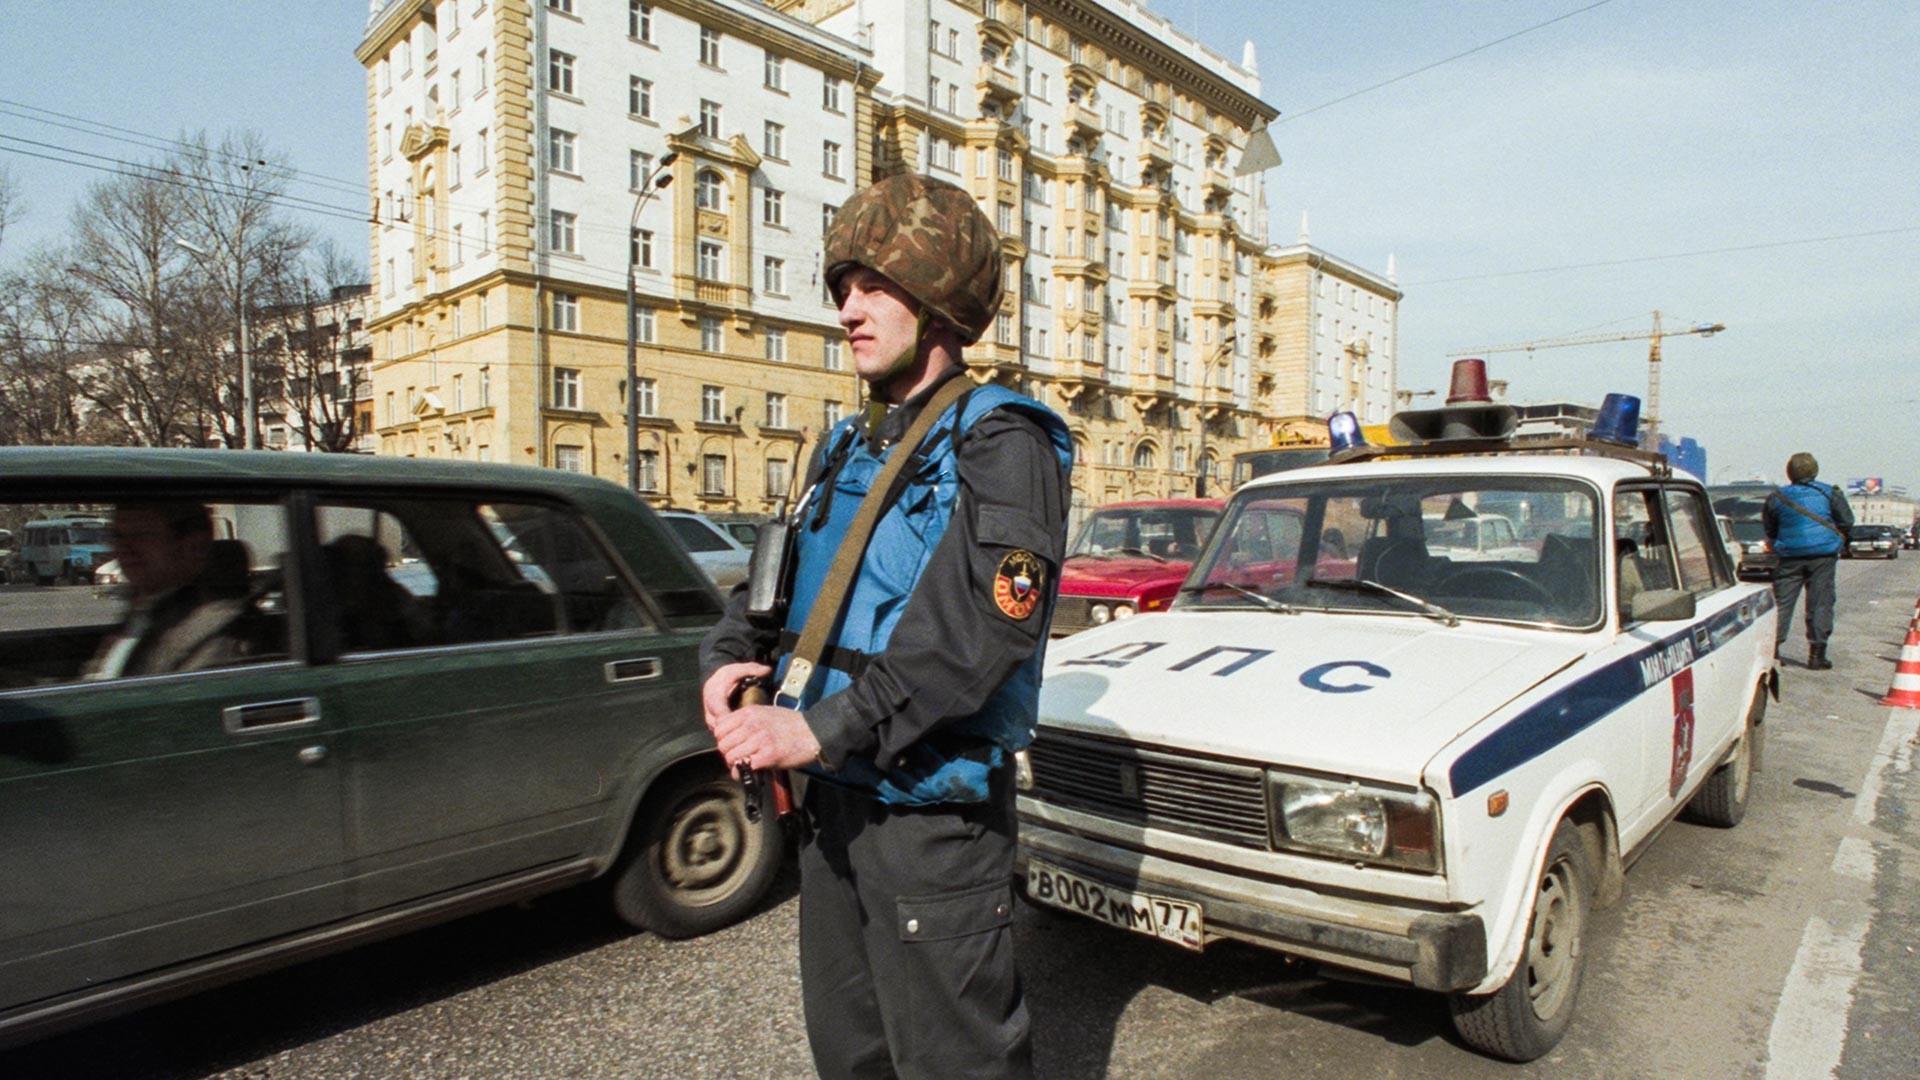 Наоружано обезбеђење испред америчке амбасаде.